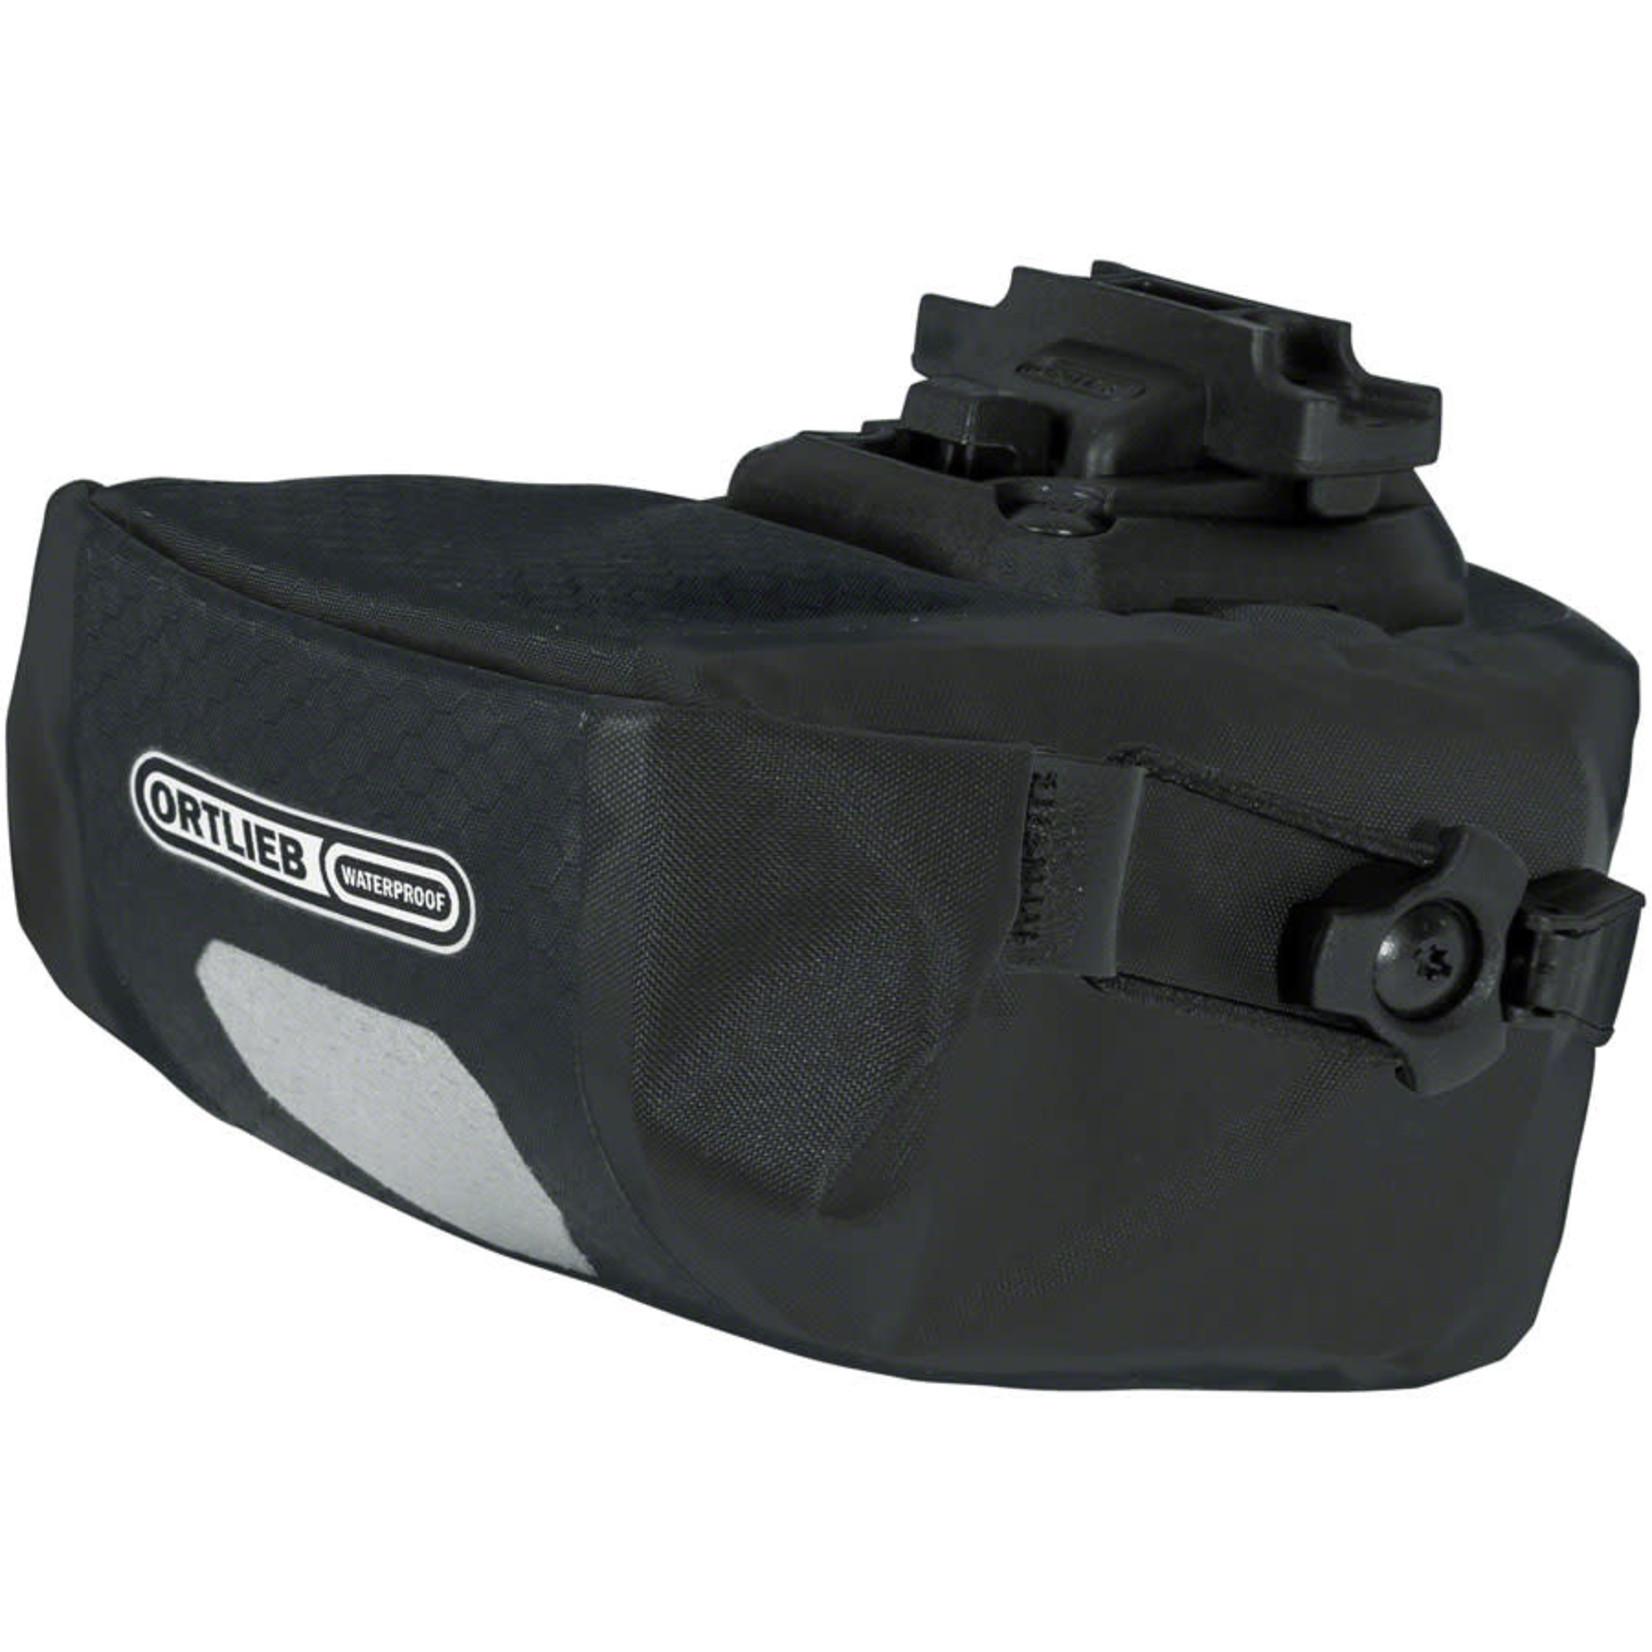 Ortlieb Ortlieb Micro Two Saddle Bag 0.5L, Black